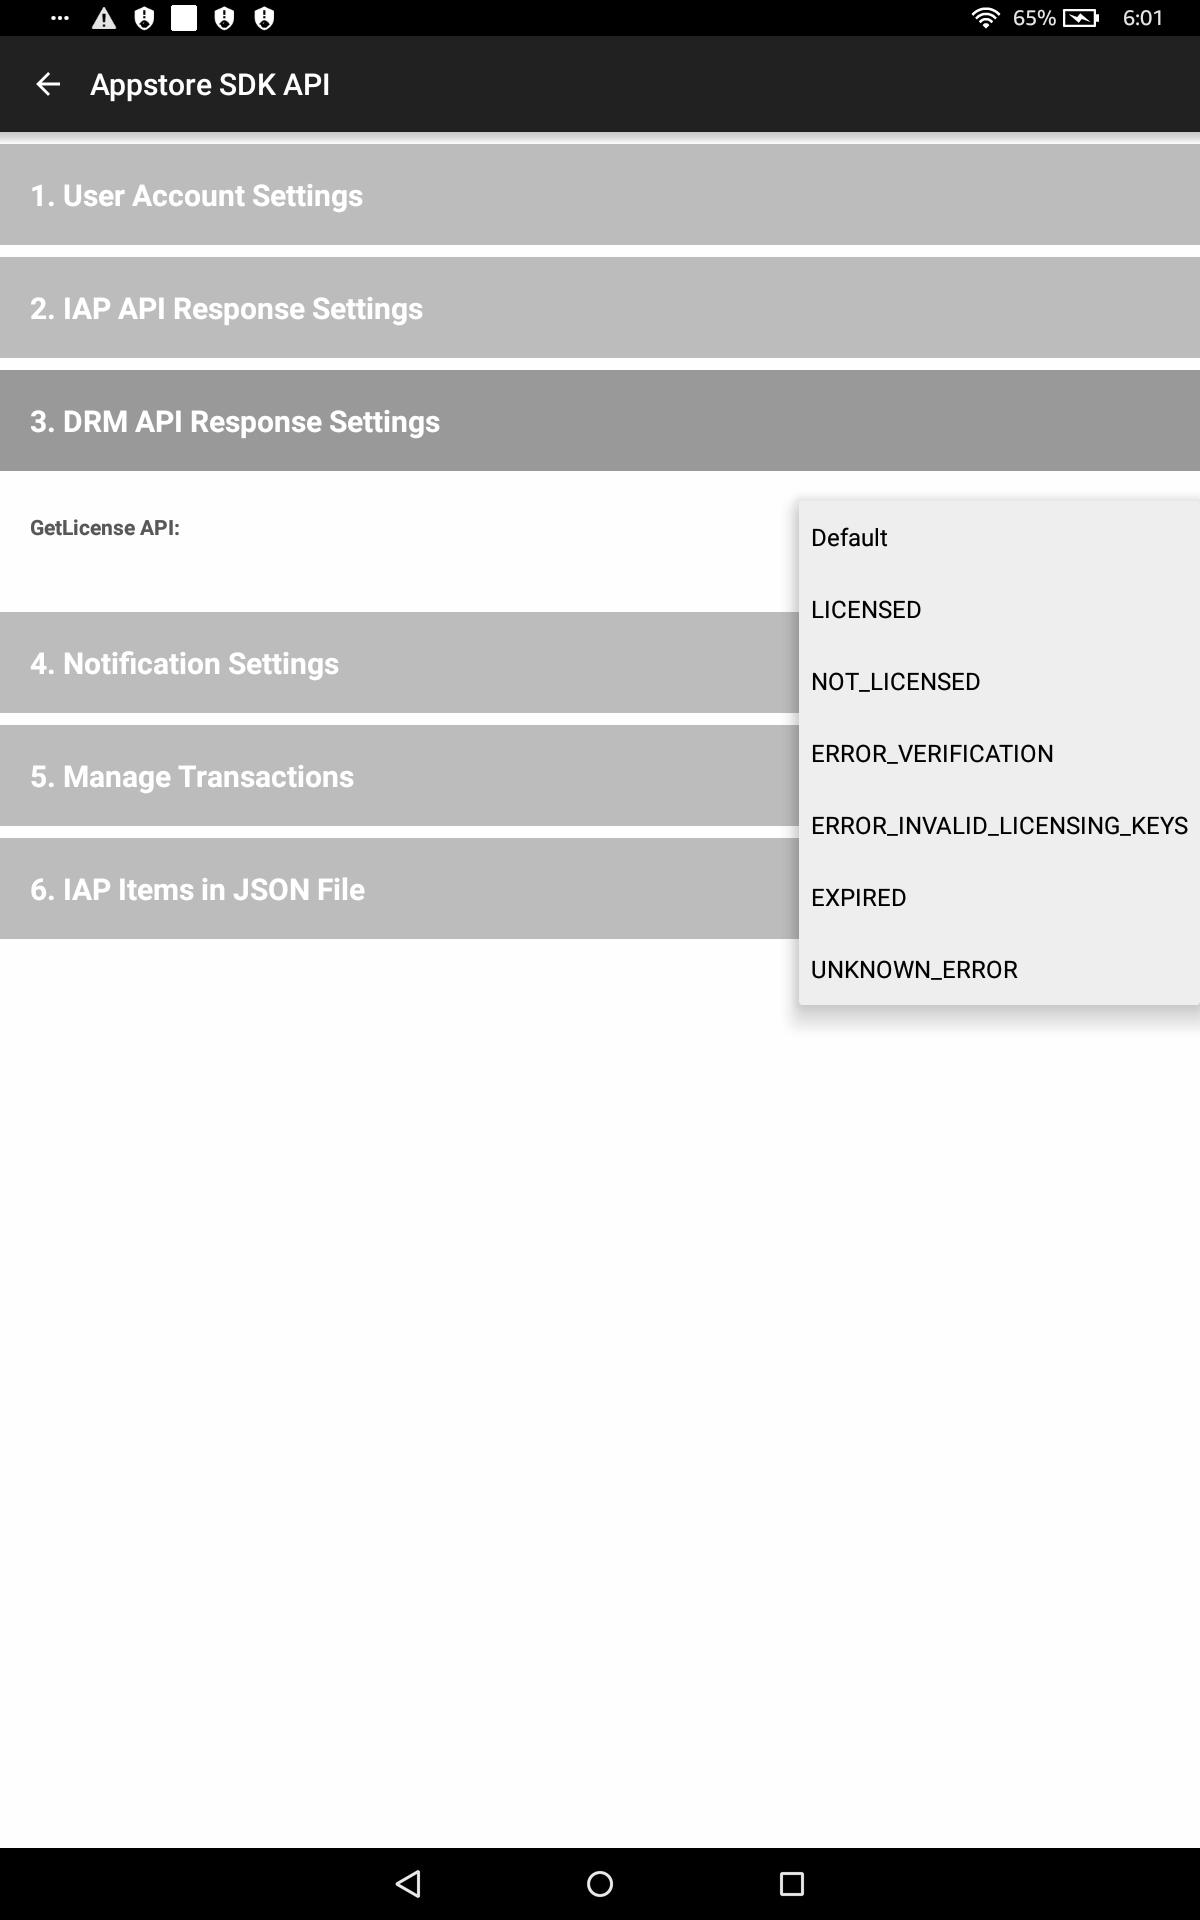 DRM API Response Settings